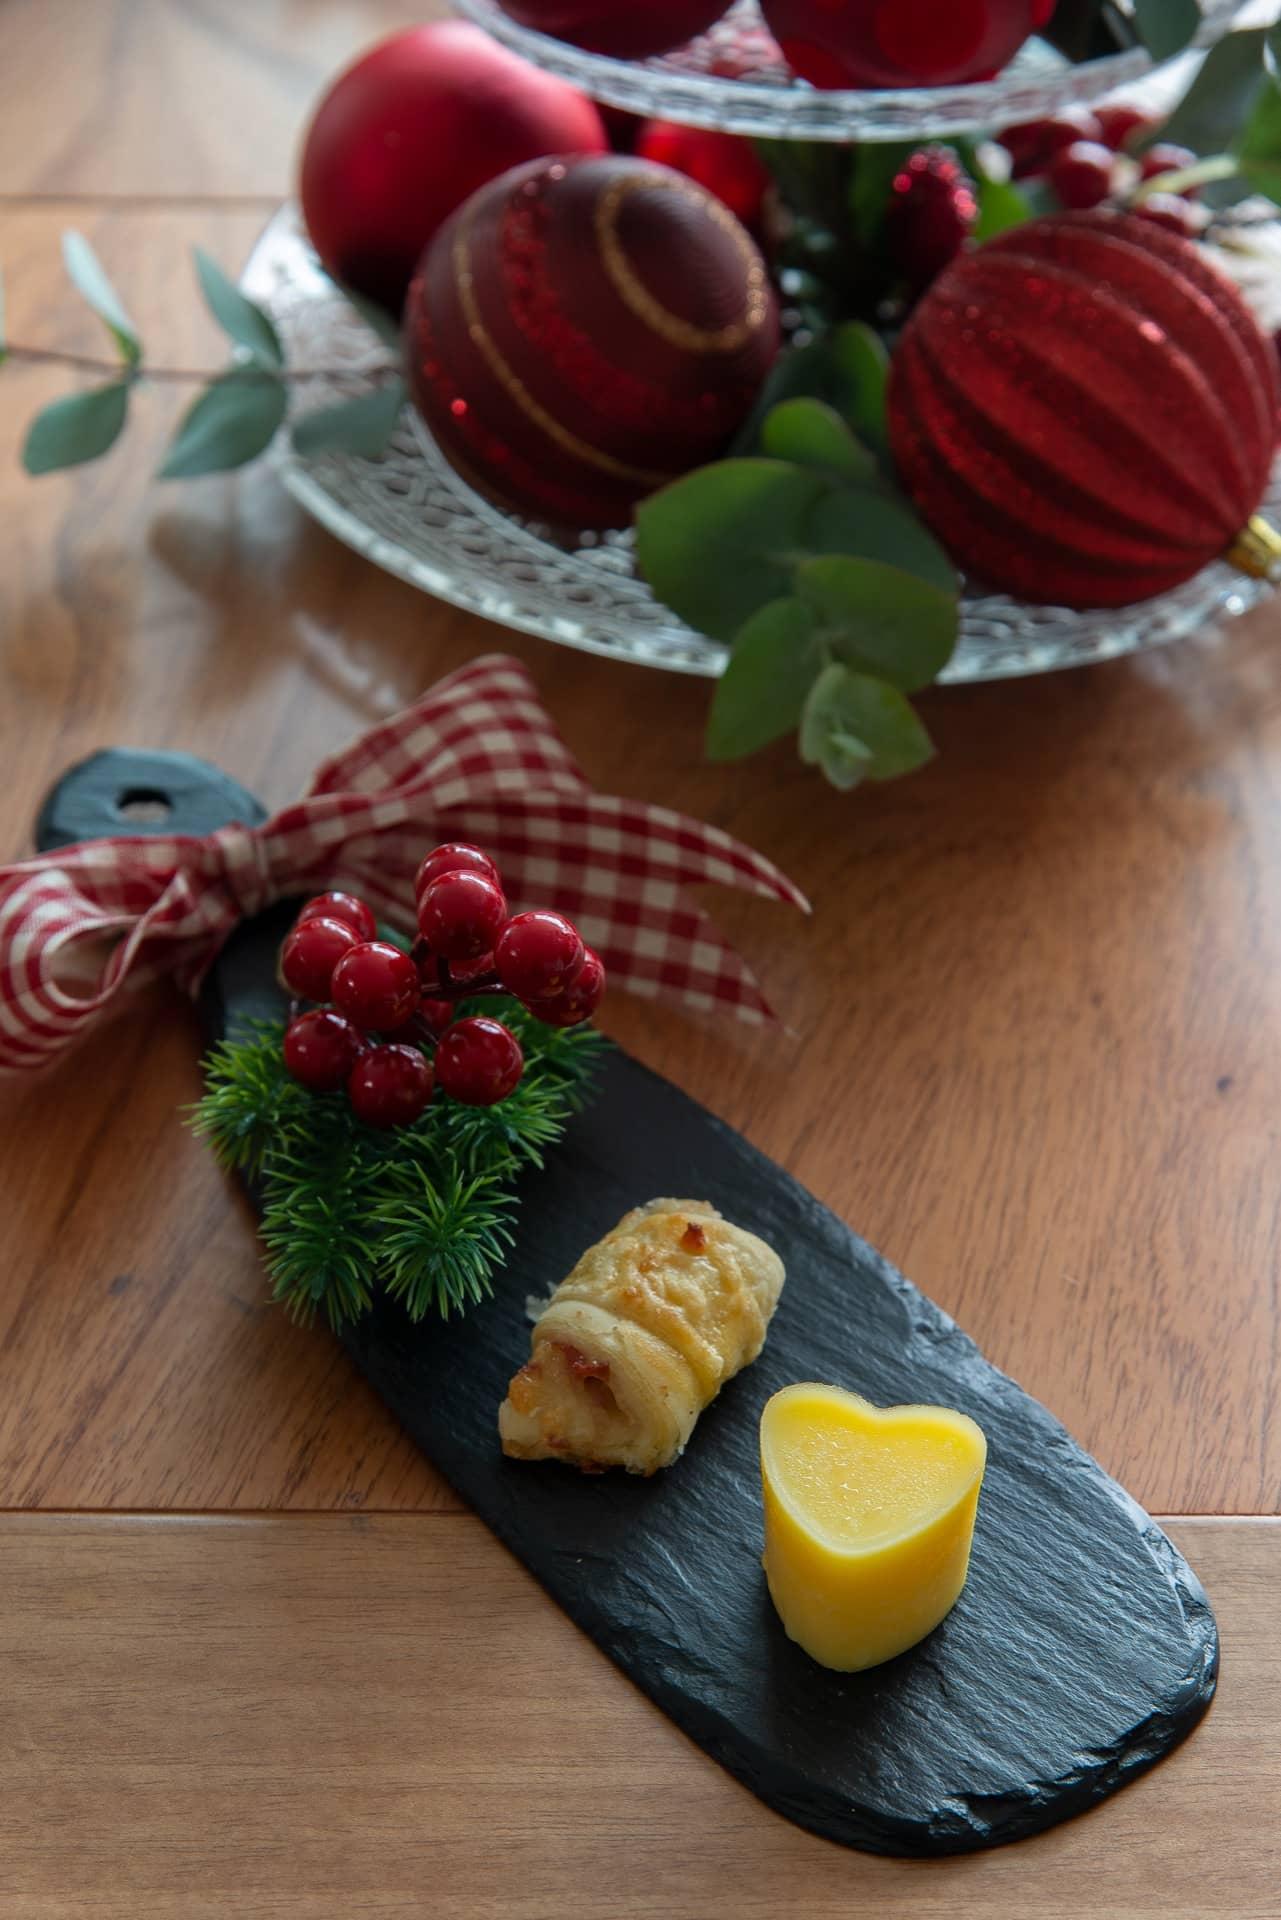 Imagem: A tábua de ardósia da Oxford tem o tamanho perfeito para servir o pãozinho e a manteiga. Para fazer os corações, derreta a manteiga no micro-ondas até ela ficar pastosa, coloque em formas de silicone e leve para o freezer. Desenforme e sirva. Foto: Cacá Bratke